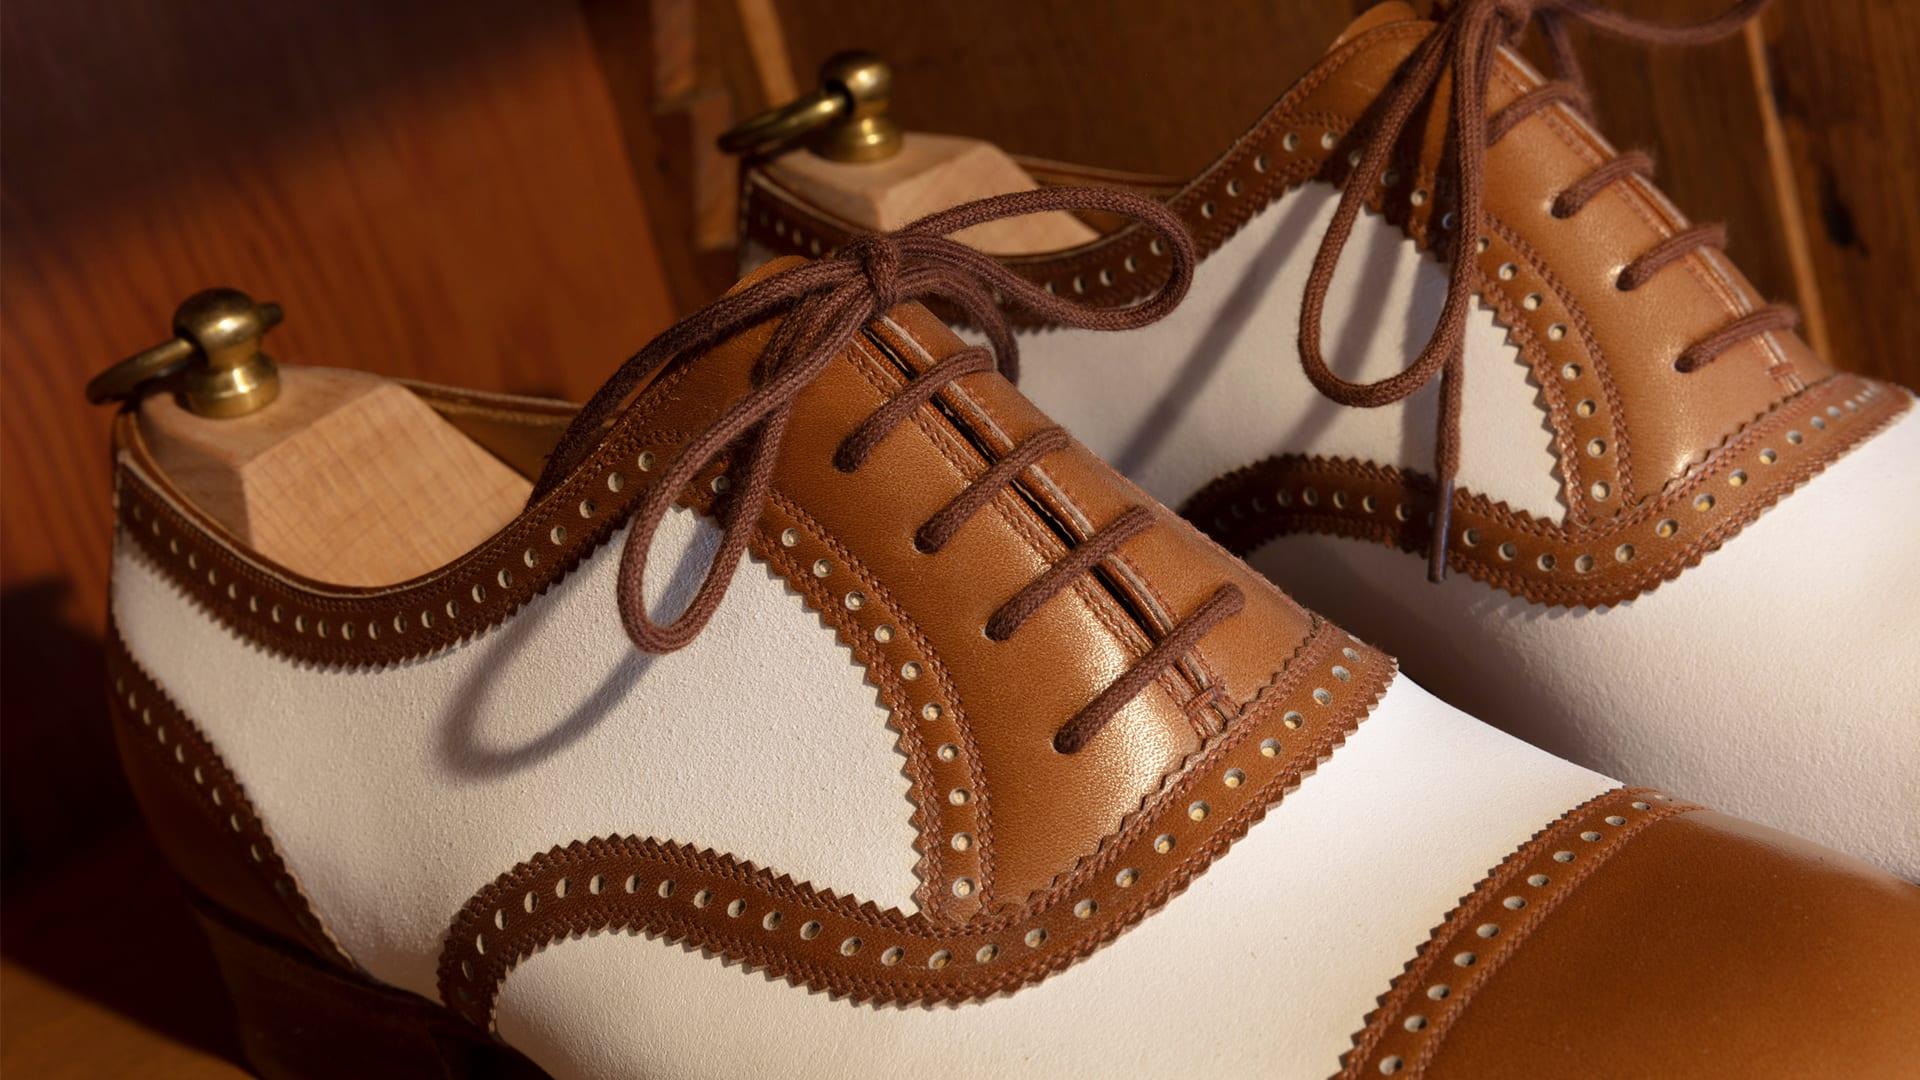 549c8640c55a2 Zapatos a medida  movilidad exclusiva en Venecia